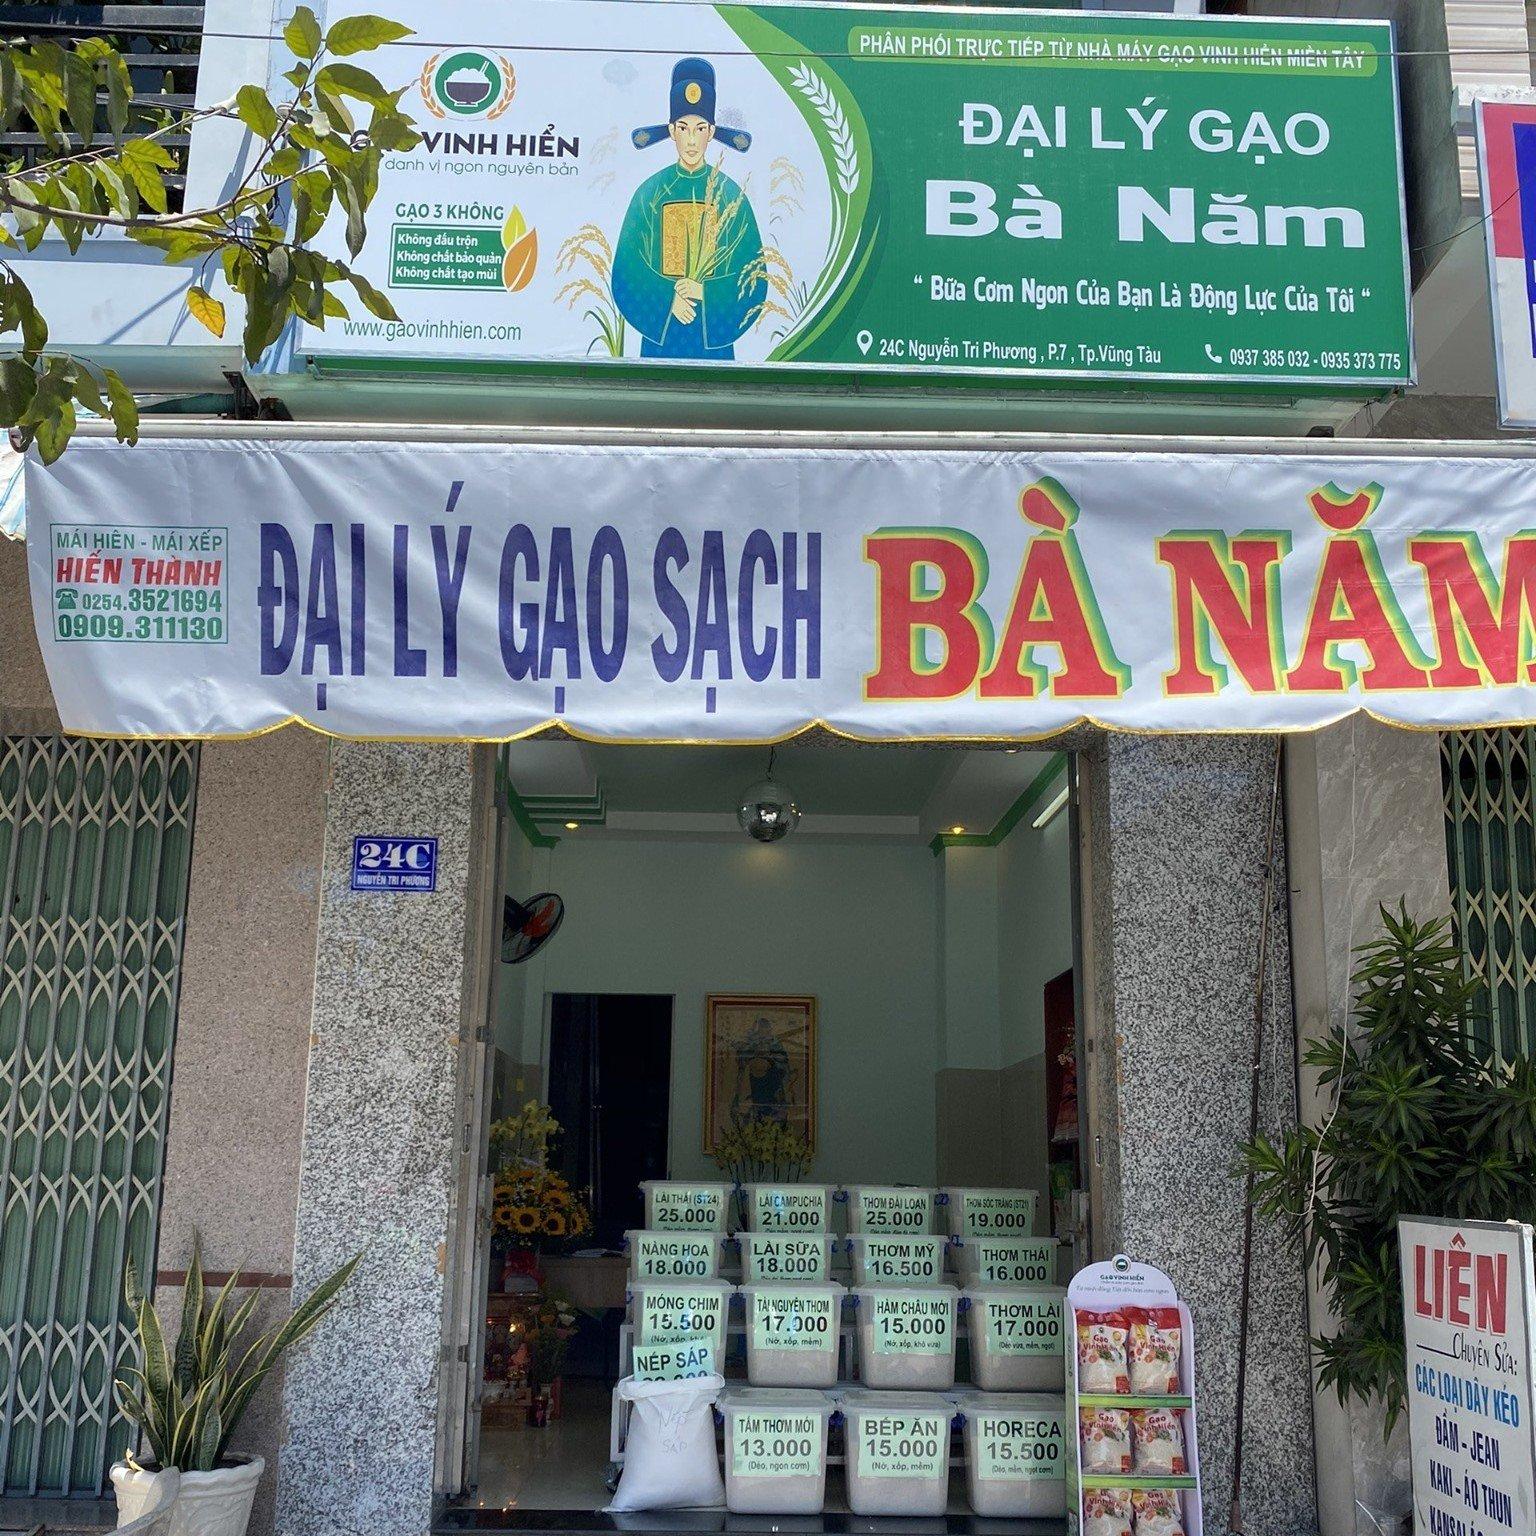 Đại lý gạo BÀ NĂM tại thành phố biển Vũng Tàu